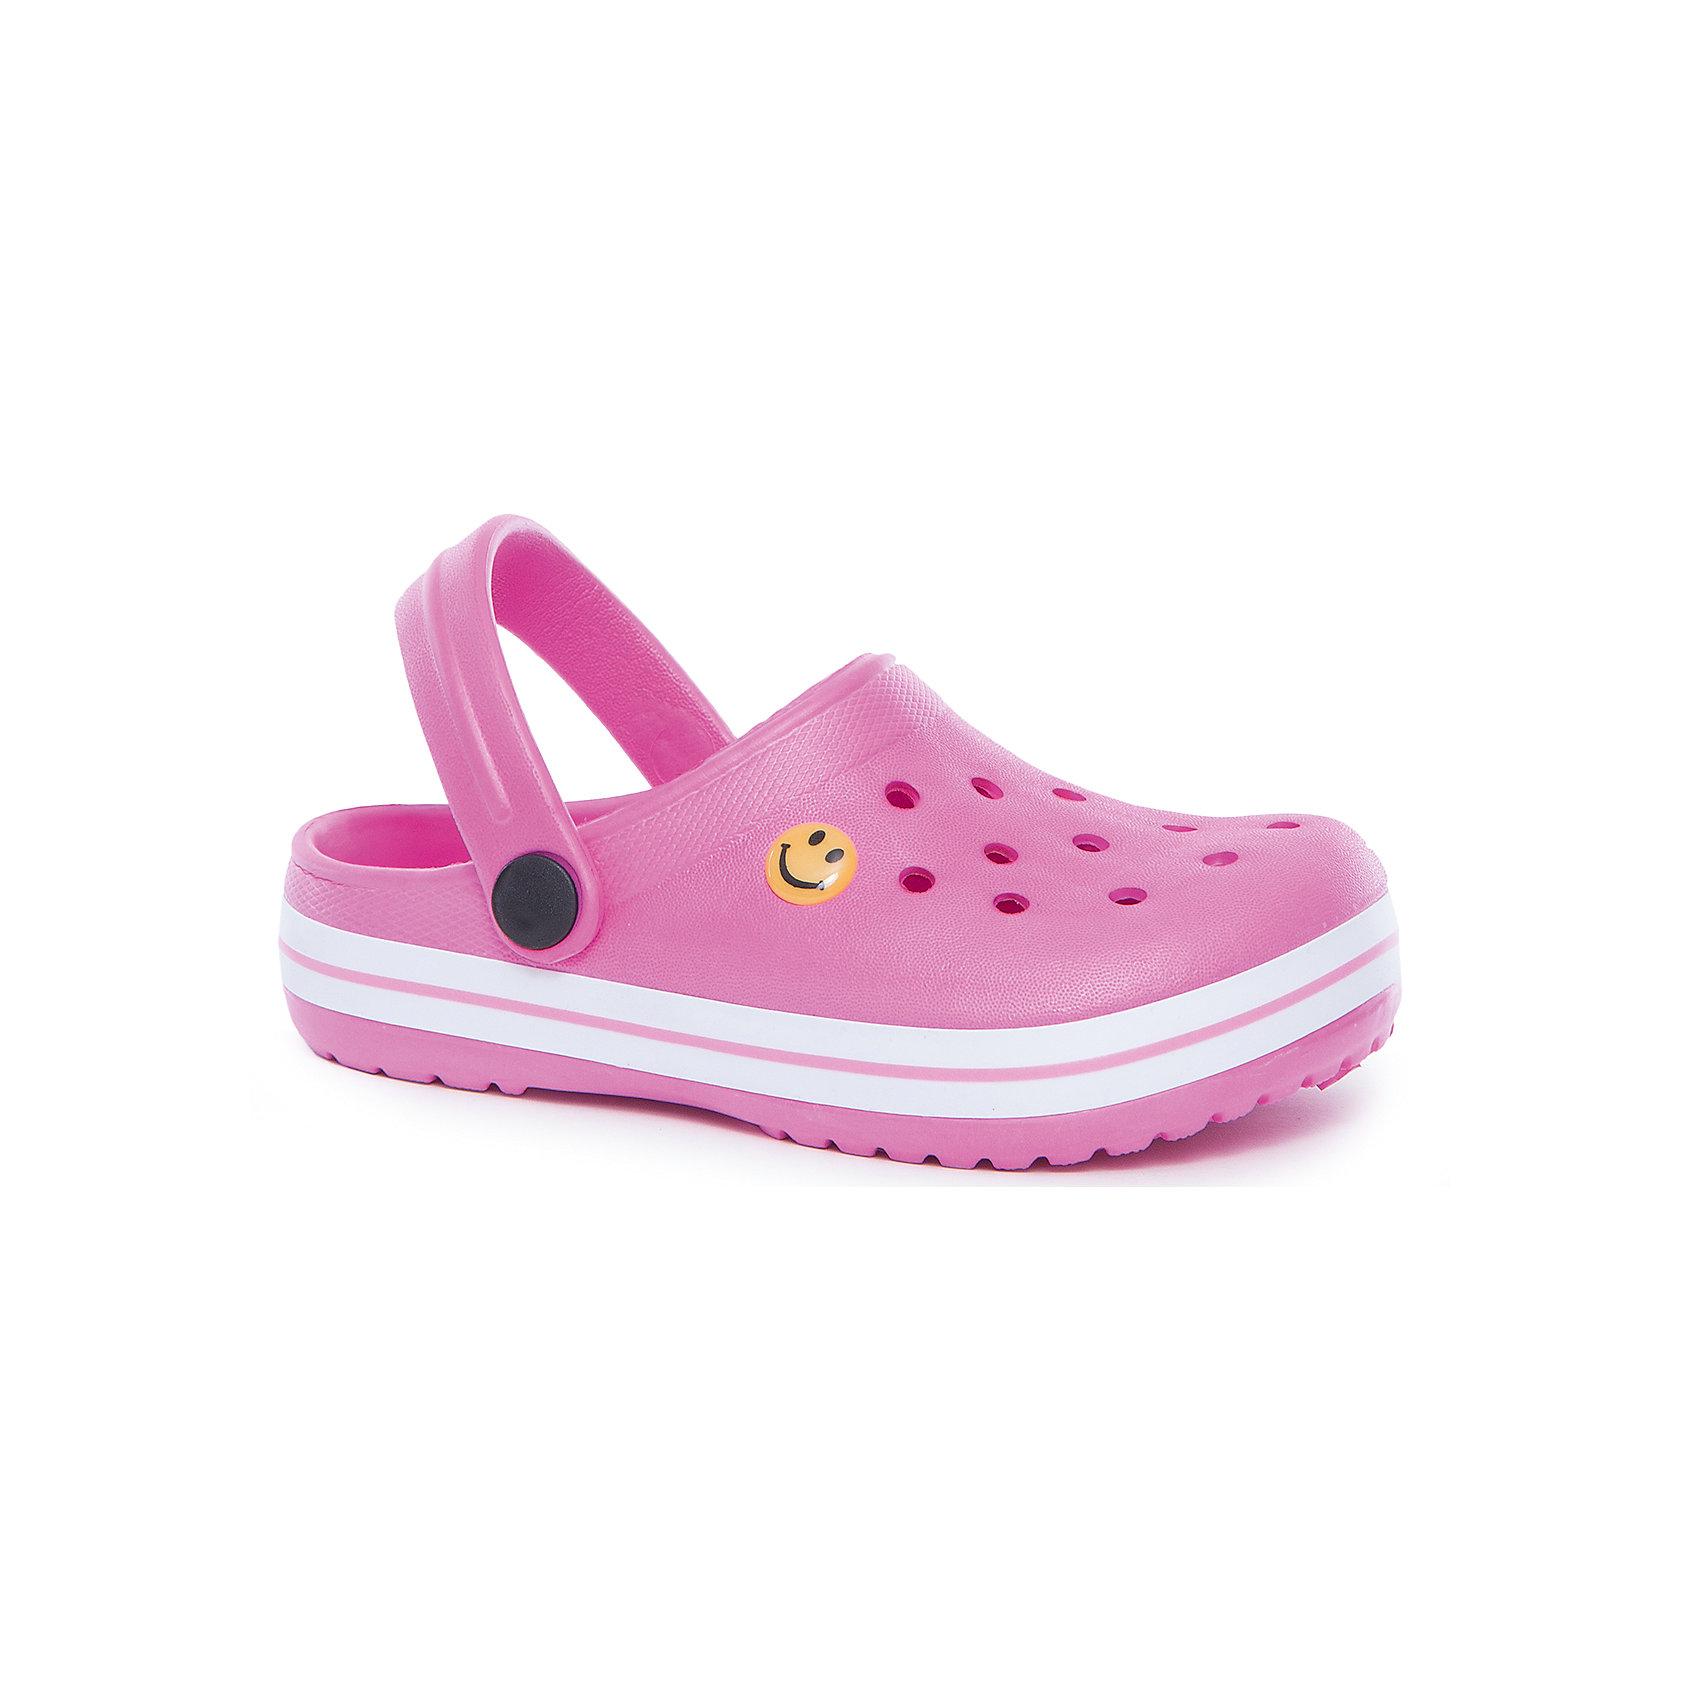 Пантолеты для девочки PlayTodayПантолеты для девочки PlayToday<br>Удобные пантолеты (кроксы) прекрасно подойдут и для поездки на пляж, и для дачи. Модель с подвижным запяточным ремнем, который можно откинуть , что позволяет легко снимать и одевать обувь. Изготовлены из легкого материала. Перфорация в верхней части обеспечивает вентиляцию ноги<br>Состав:<br>100% этилвинилацетат<br><br>Ширина мм: 225<br>Глубина мм: 139<br>Высота мм: 112<br>Вес г: 290<br>Цвет: разноцветный<br>Возраст от месяцев: 96<br>Возраст до месяцев: 108<br>Пол: Женский<br>Возраст: Детский<br>Размер: 32,28,29,30,31<br>SKU: 5404648